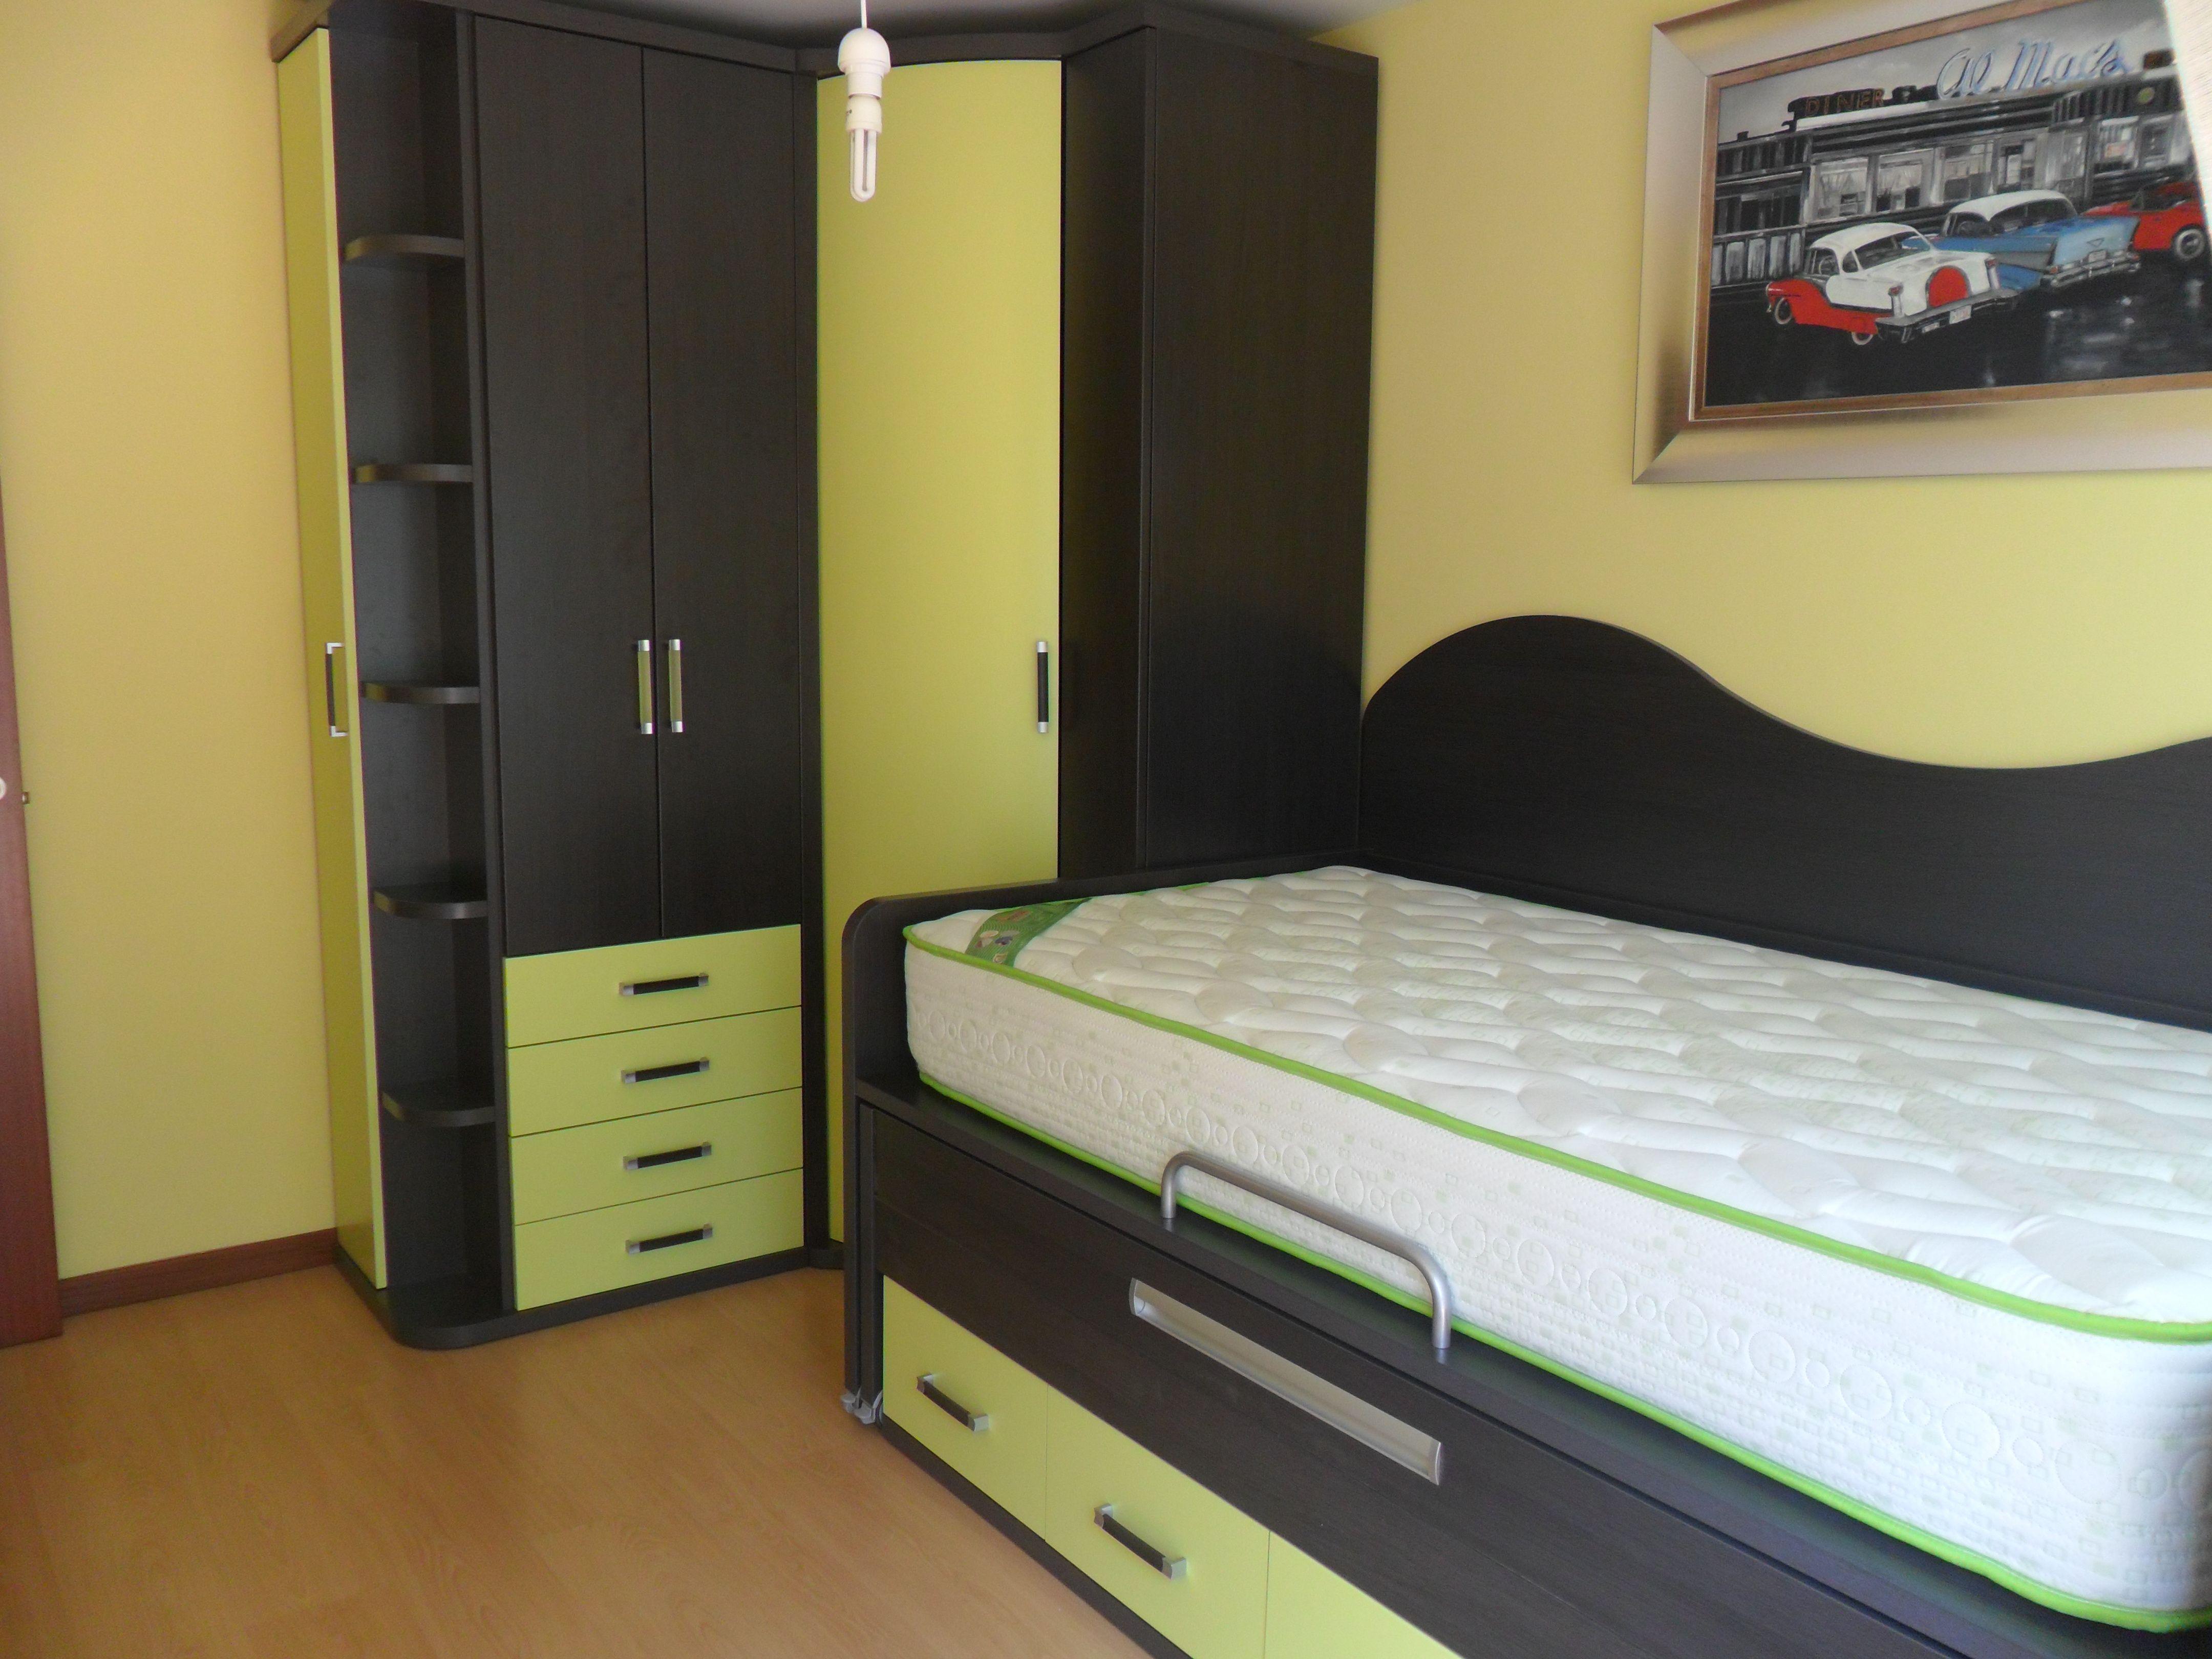 Impresionante montaje de cama compacta con cama for Cama compacta con cajones